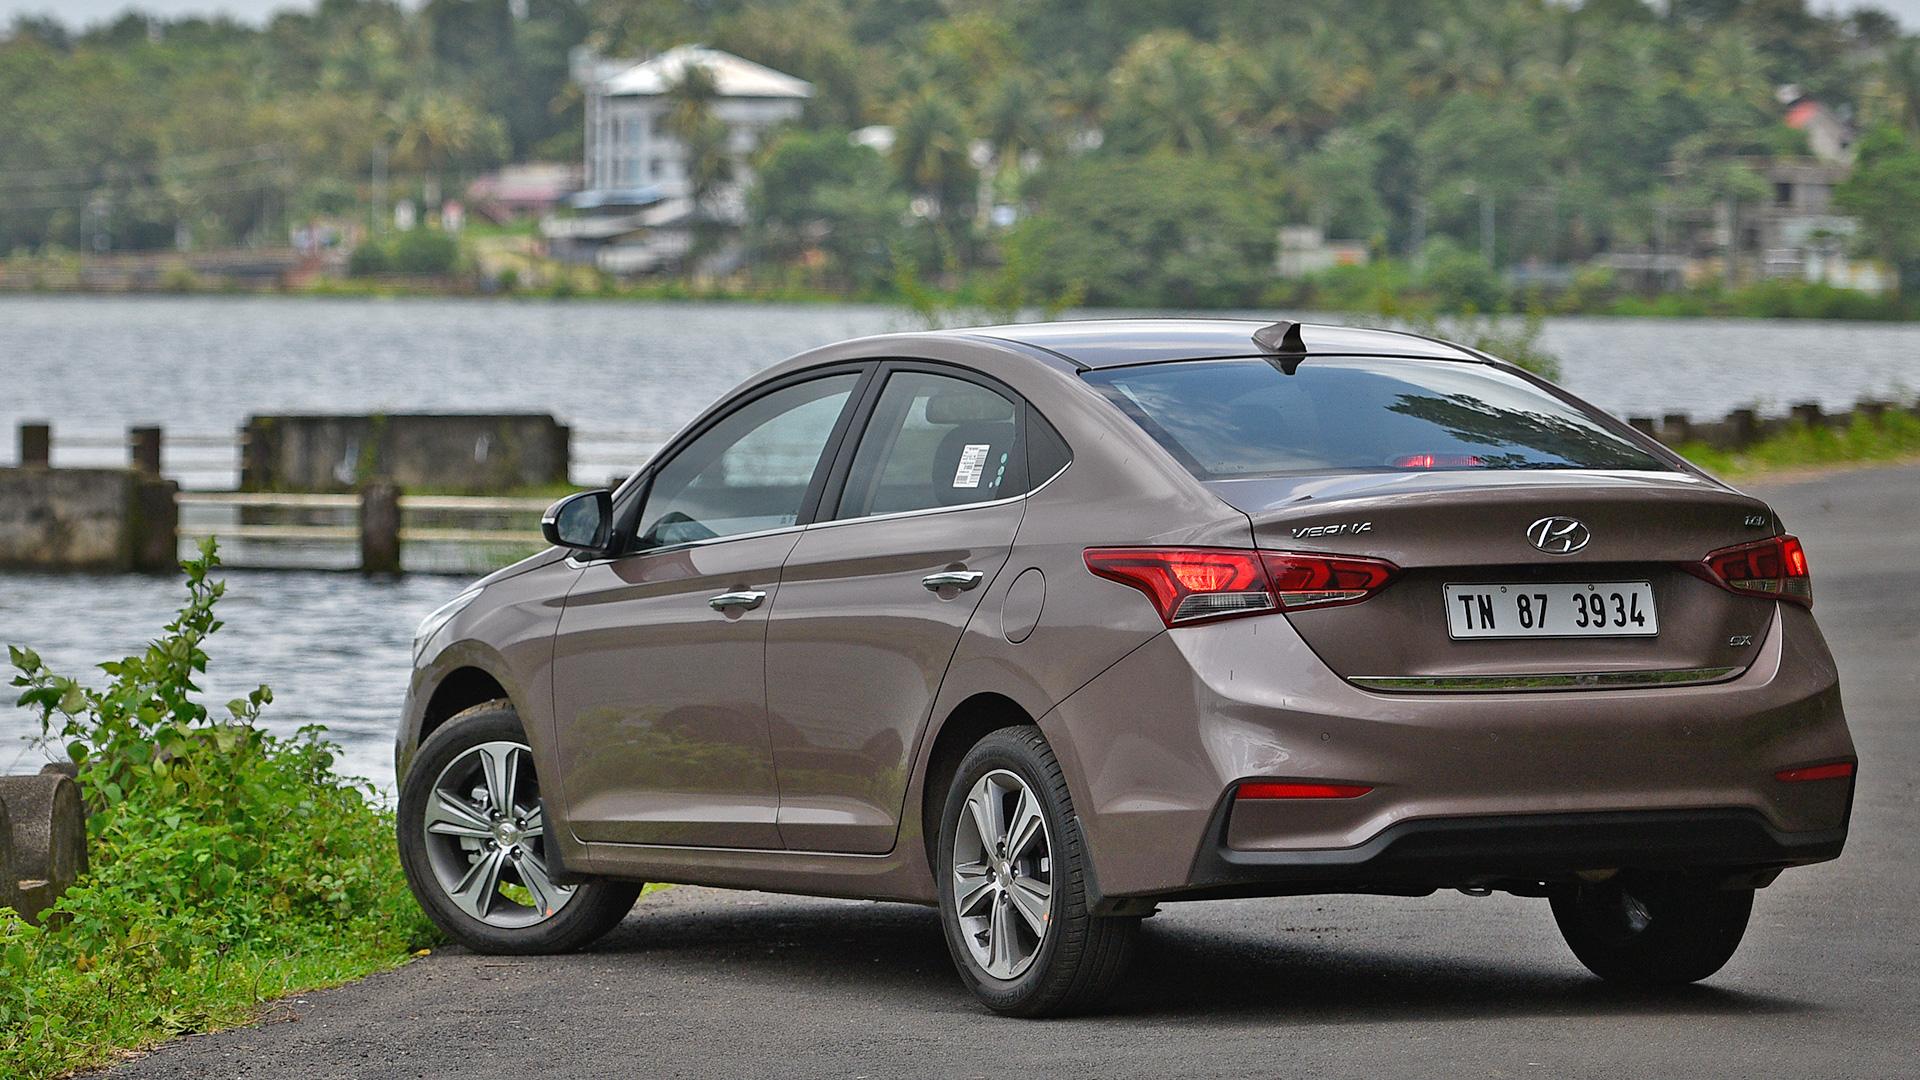 Hyundai Verna 2018 Price Mileage Reviews Specification Gallery